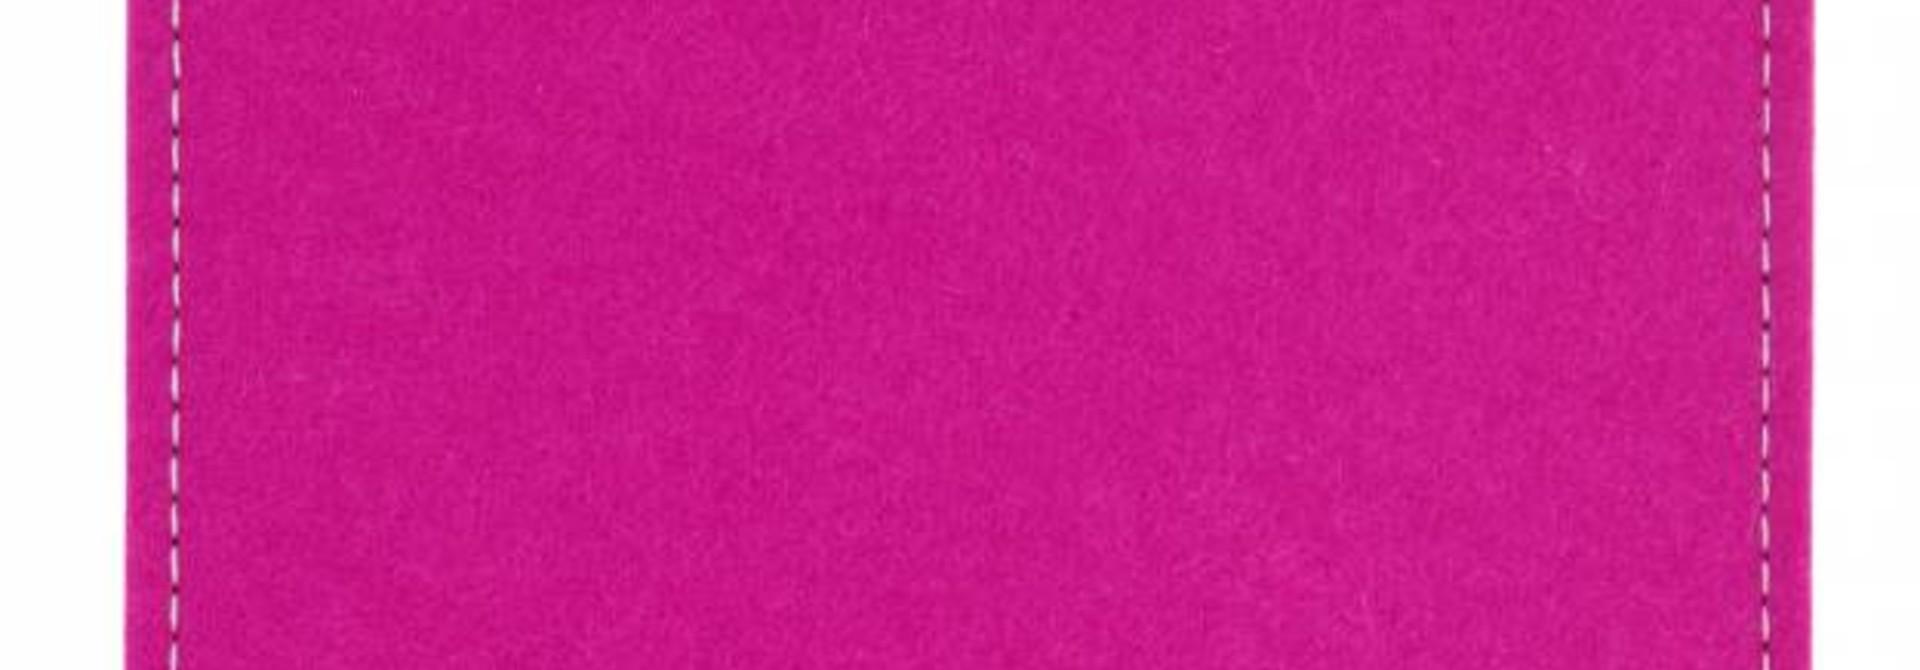 eBook Sleeve Pink